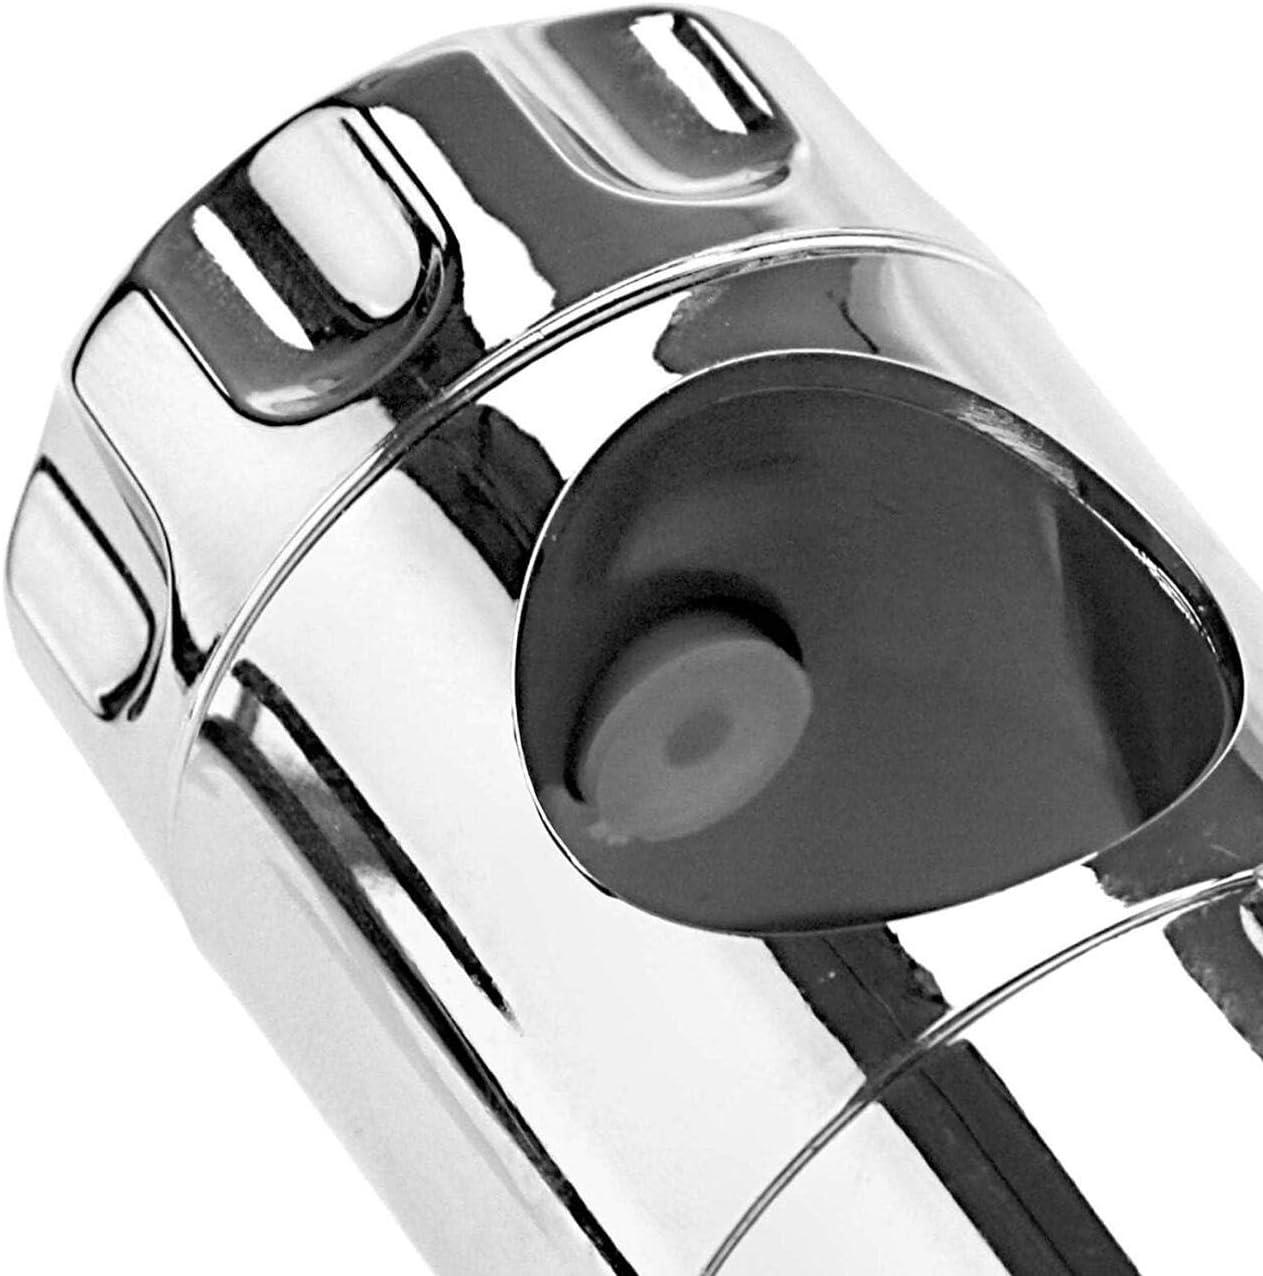 Gleiter Schieber Brausehalter Stangengleiter Duschkopfhalterung Dusche Halter